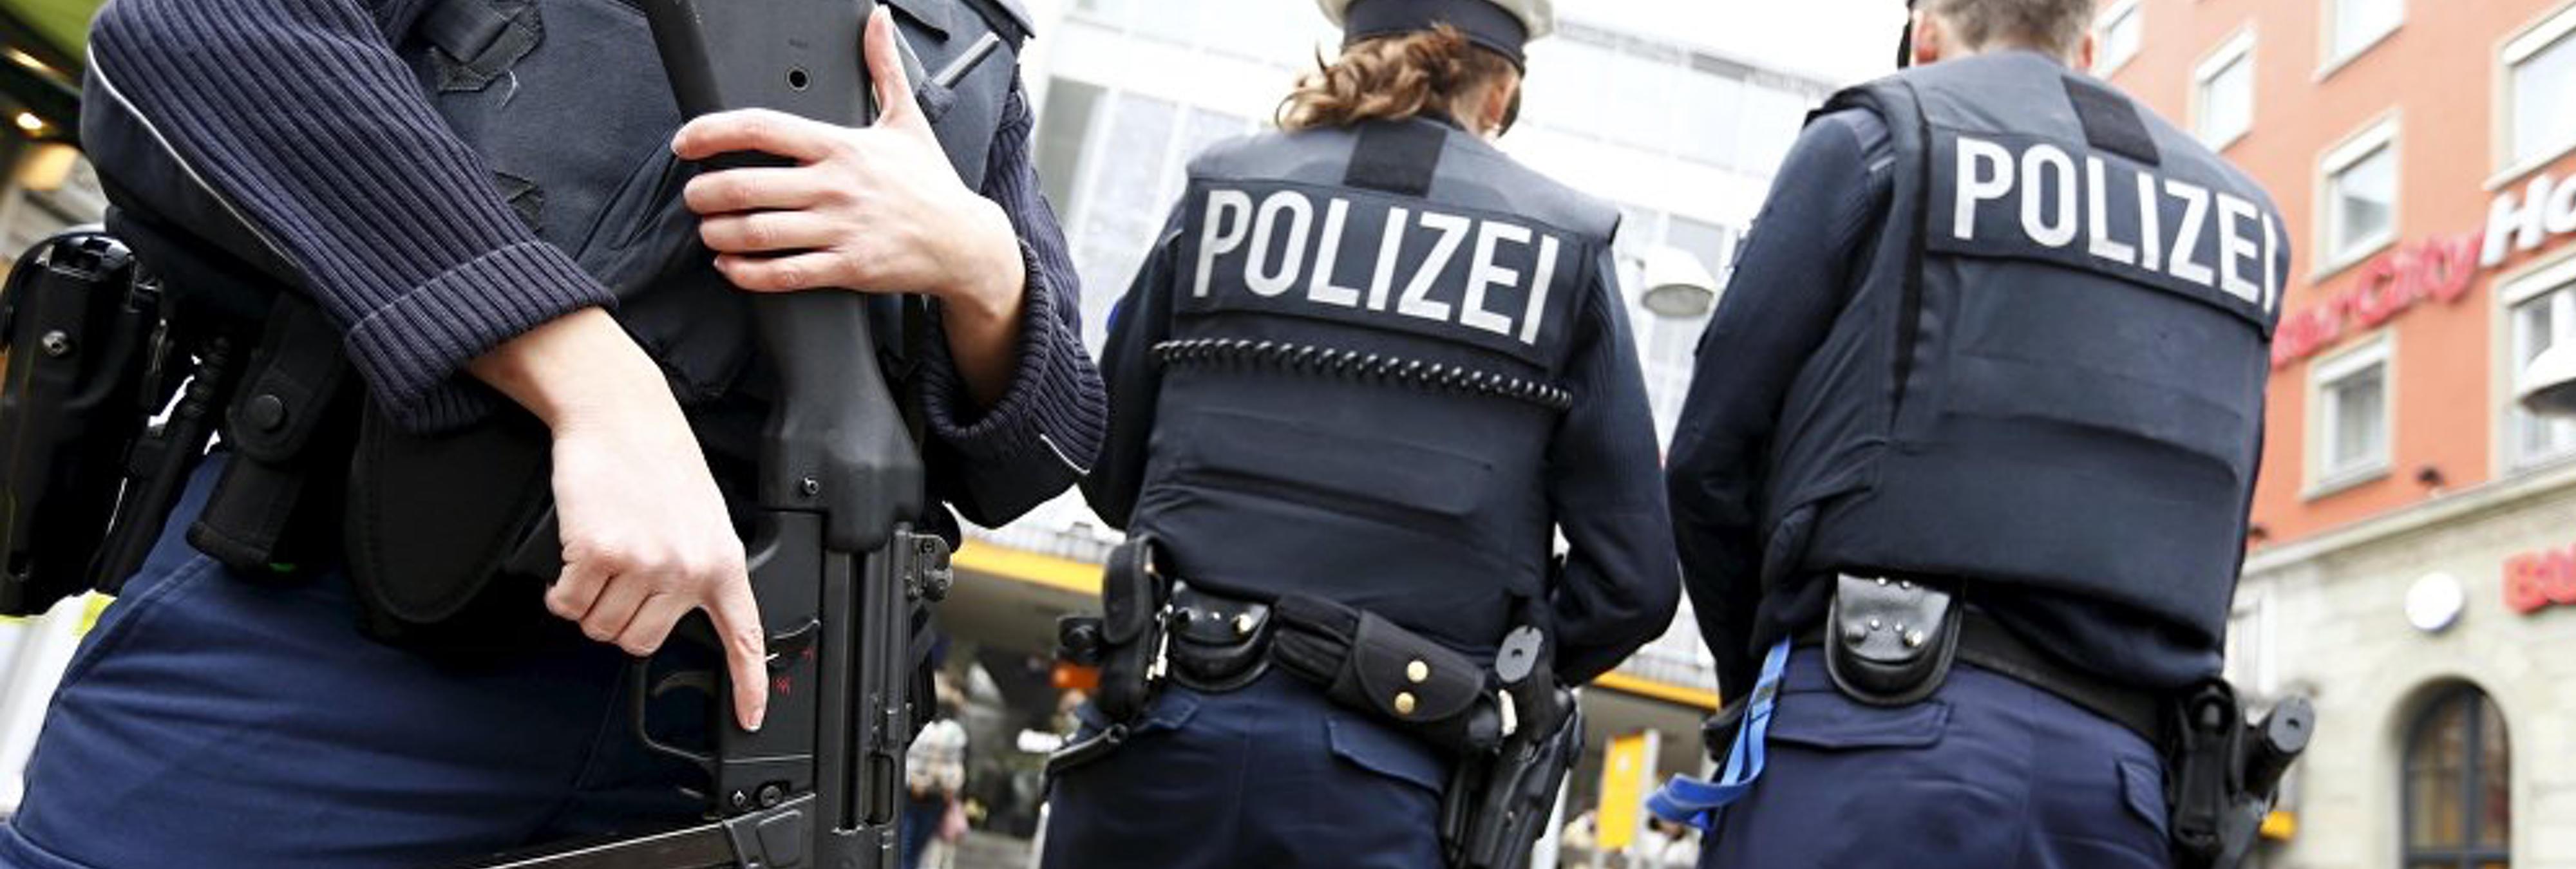 Detenido un niño de 12 años en Alemania que intentó atentar con una bomba